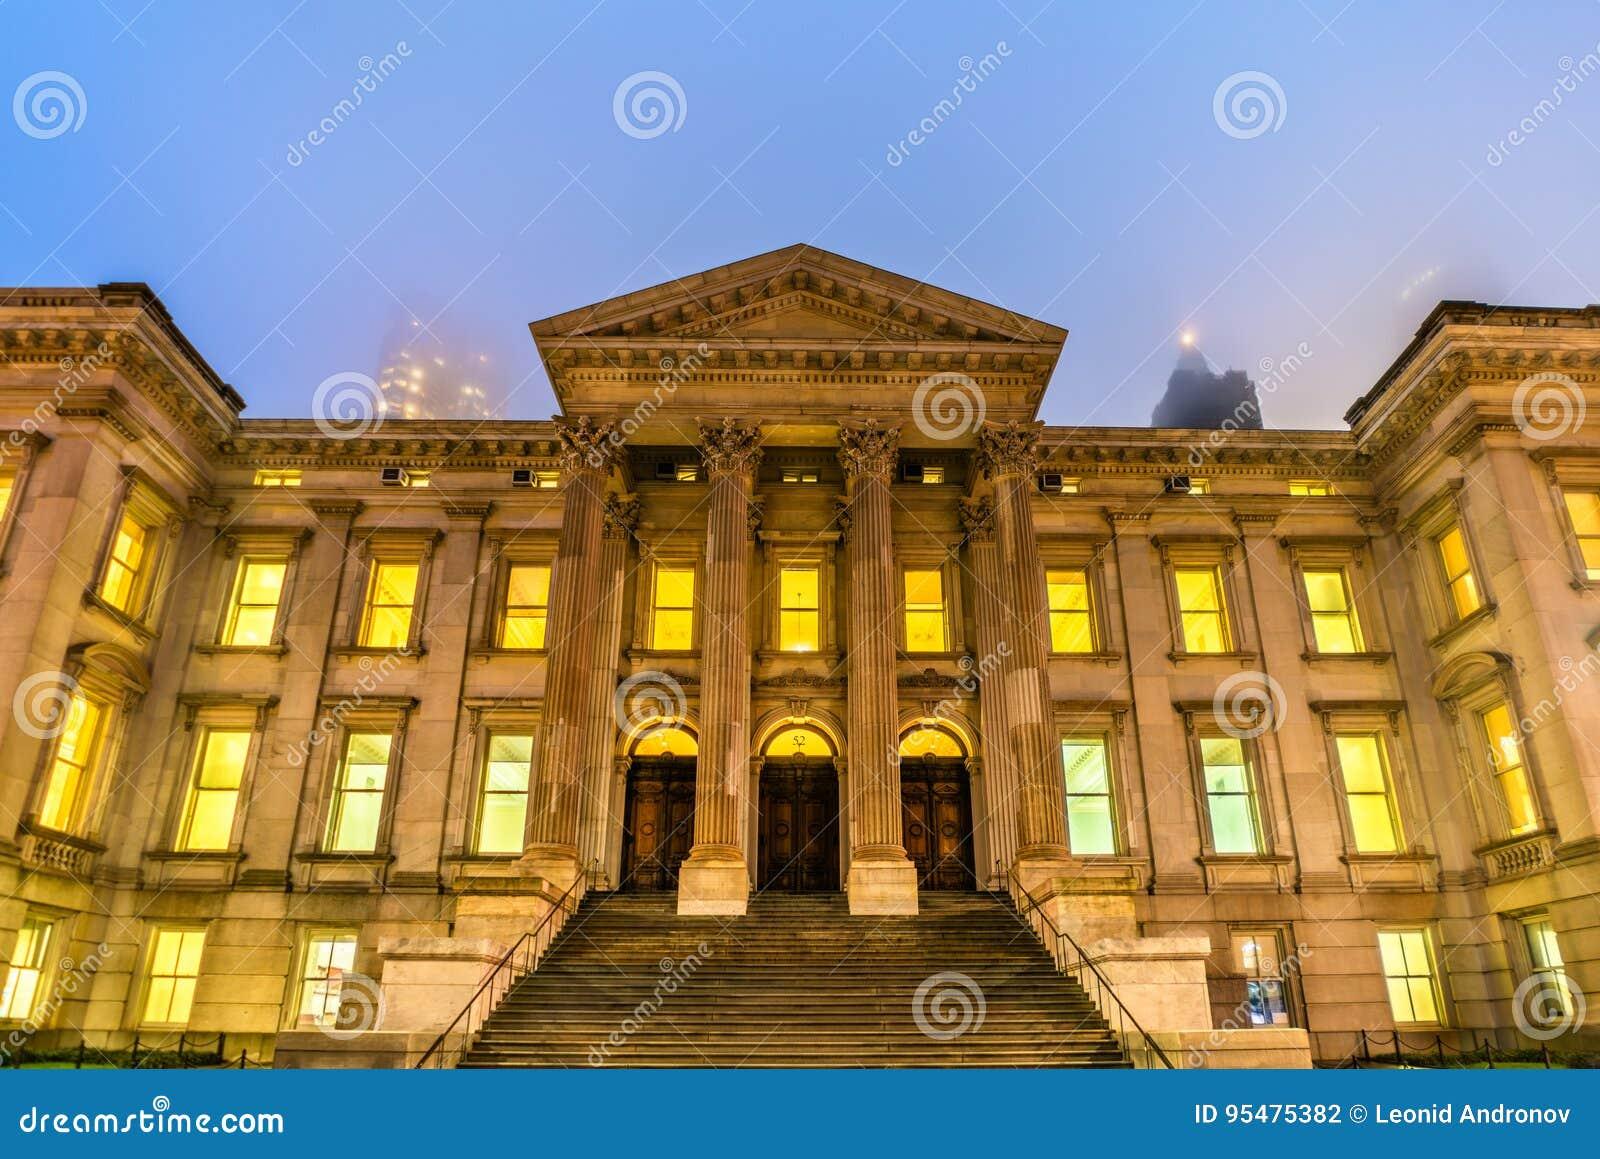 Stary Nowy Jork okręgu administracyjnego gmach sądu, także znać jako tweedu gmach sądu w Manhattan